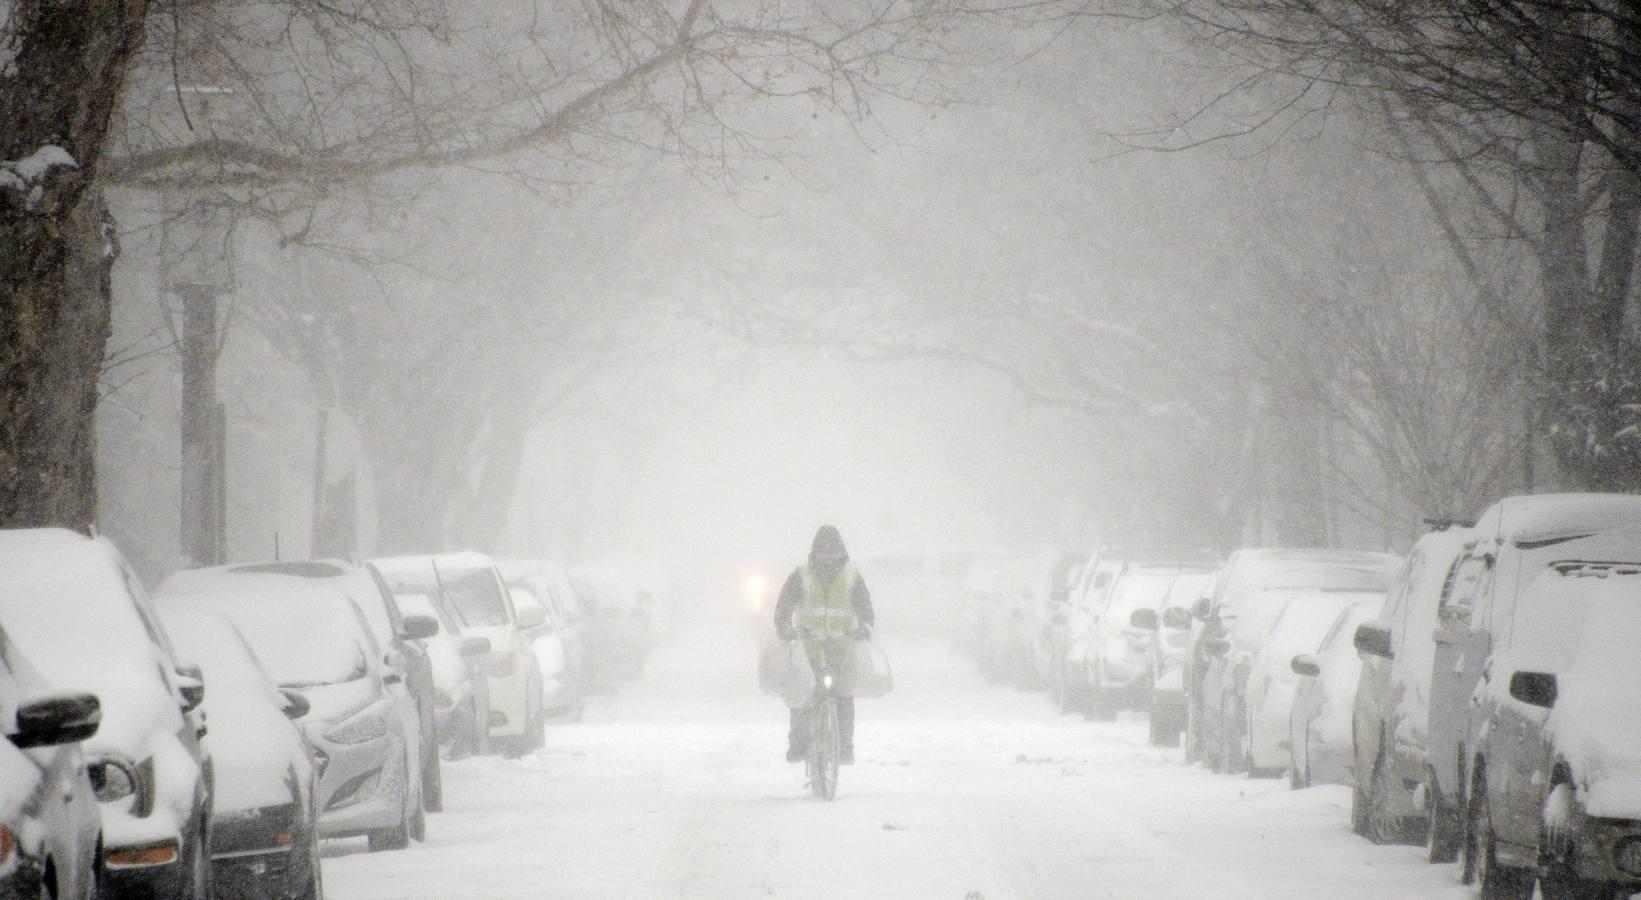 Las imágenes de la tormenta de nieve histórica en Nueva York